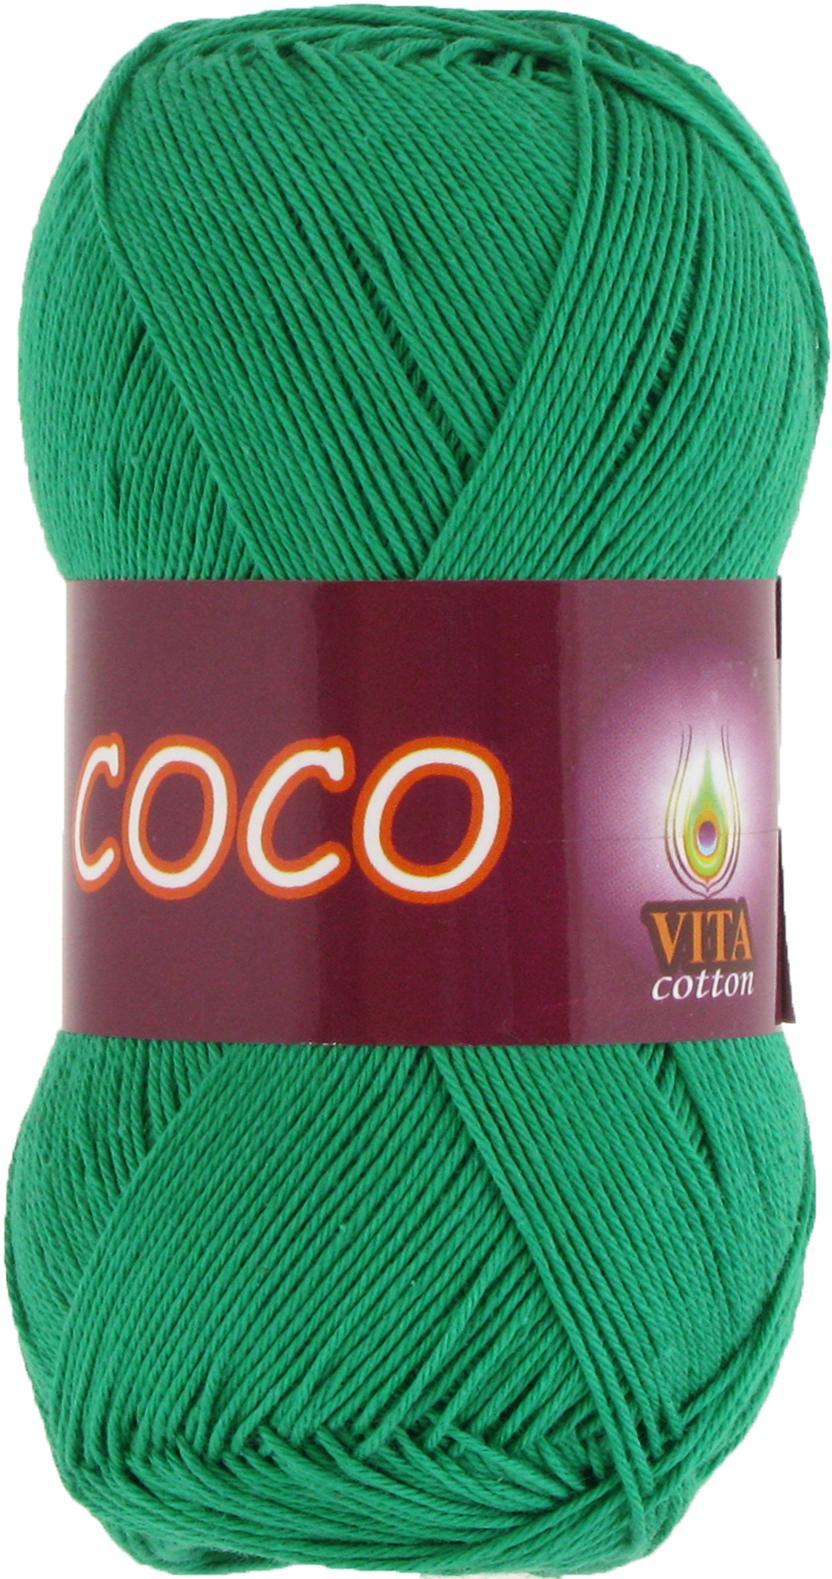 Vita cotton Coco 4311